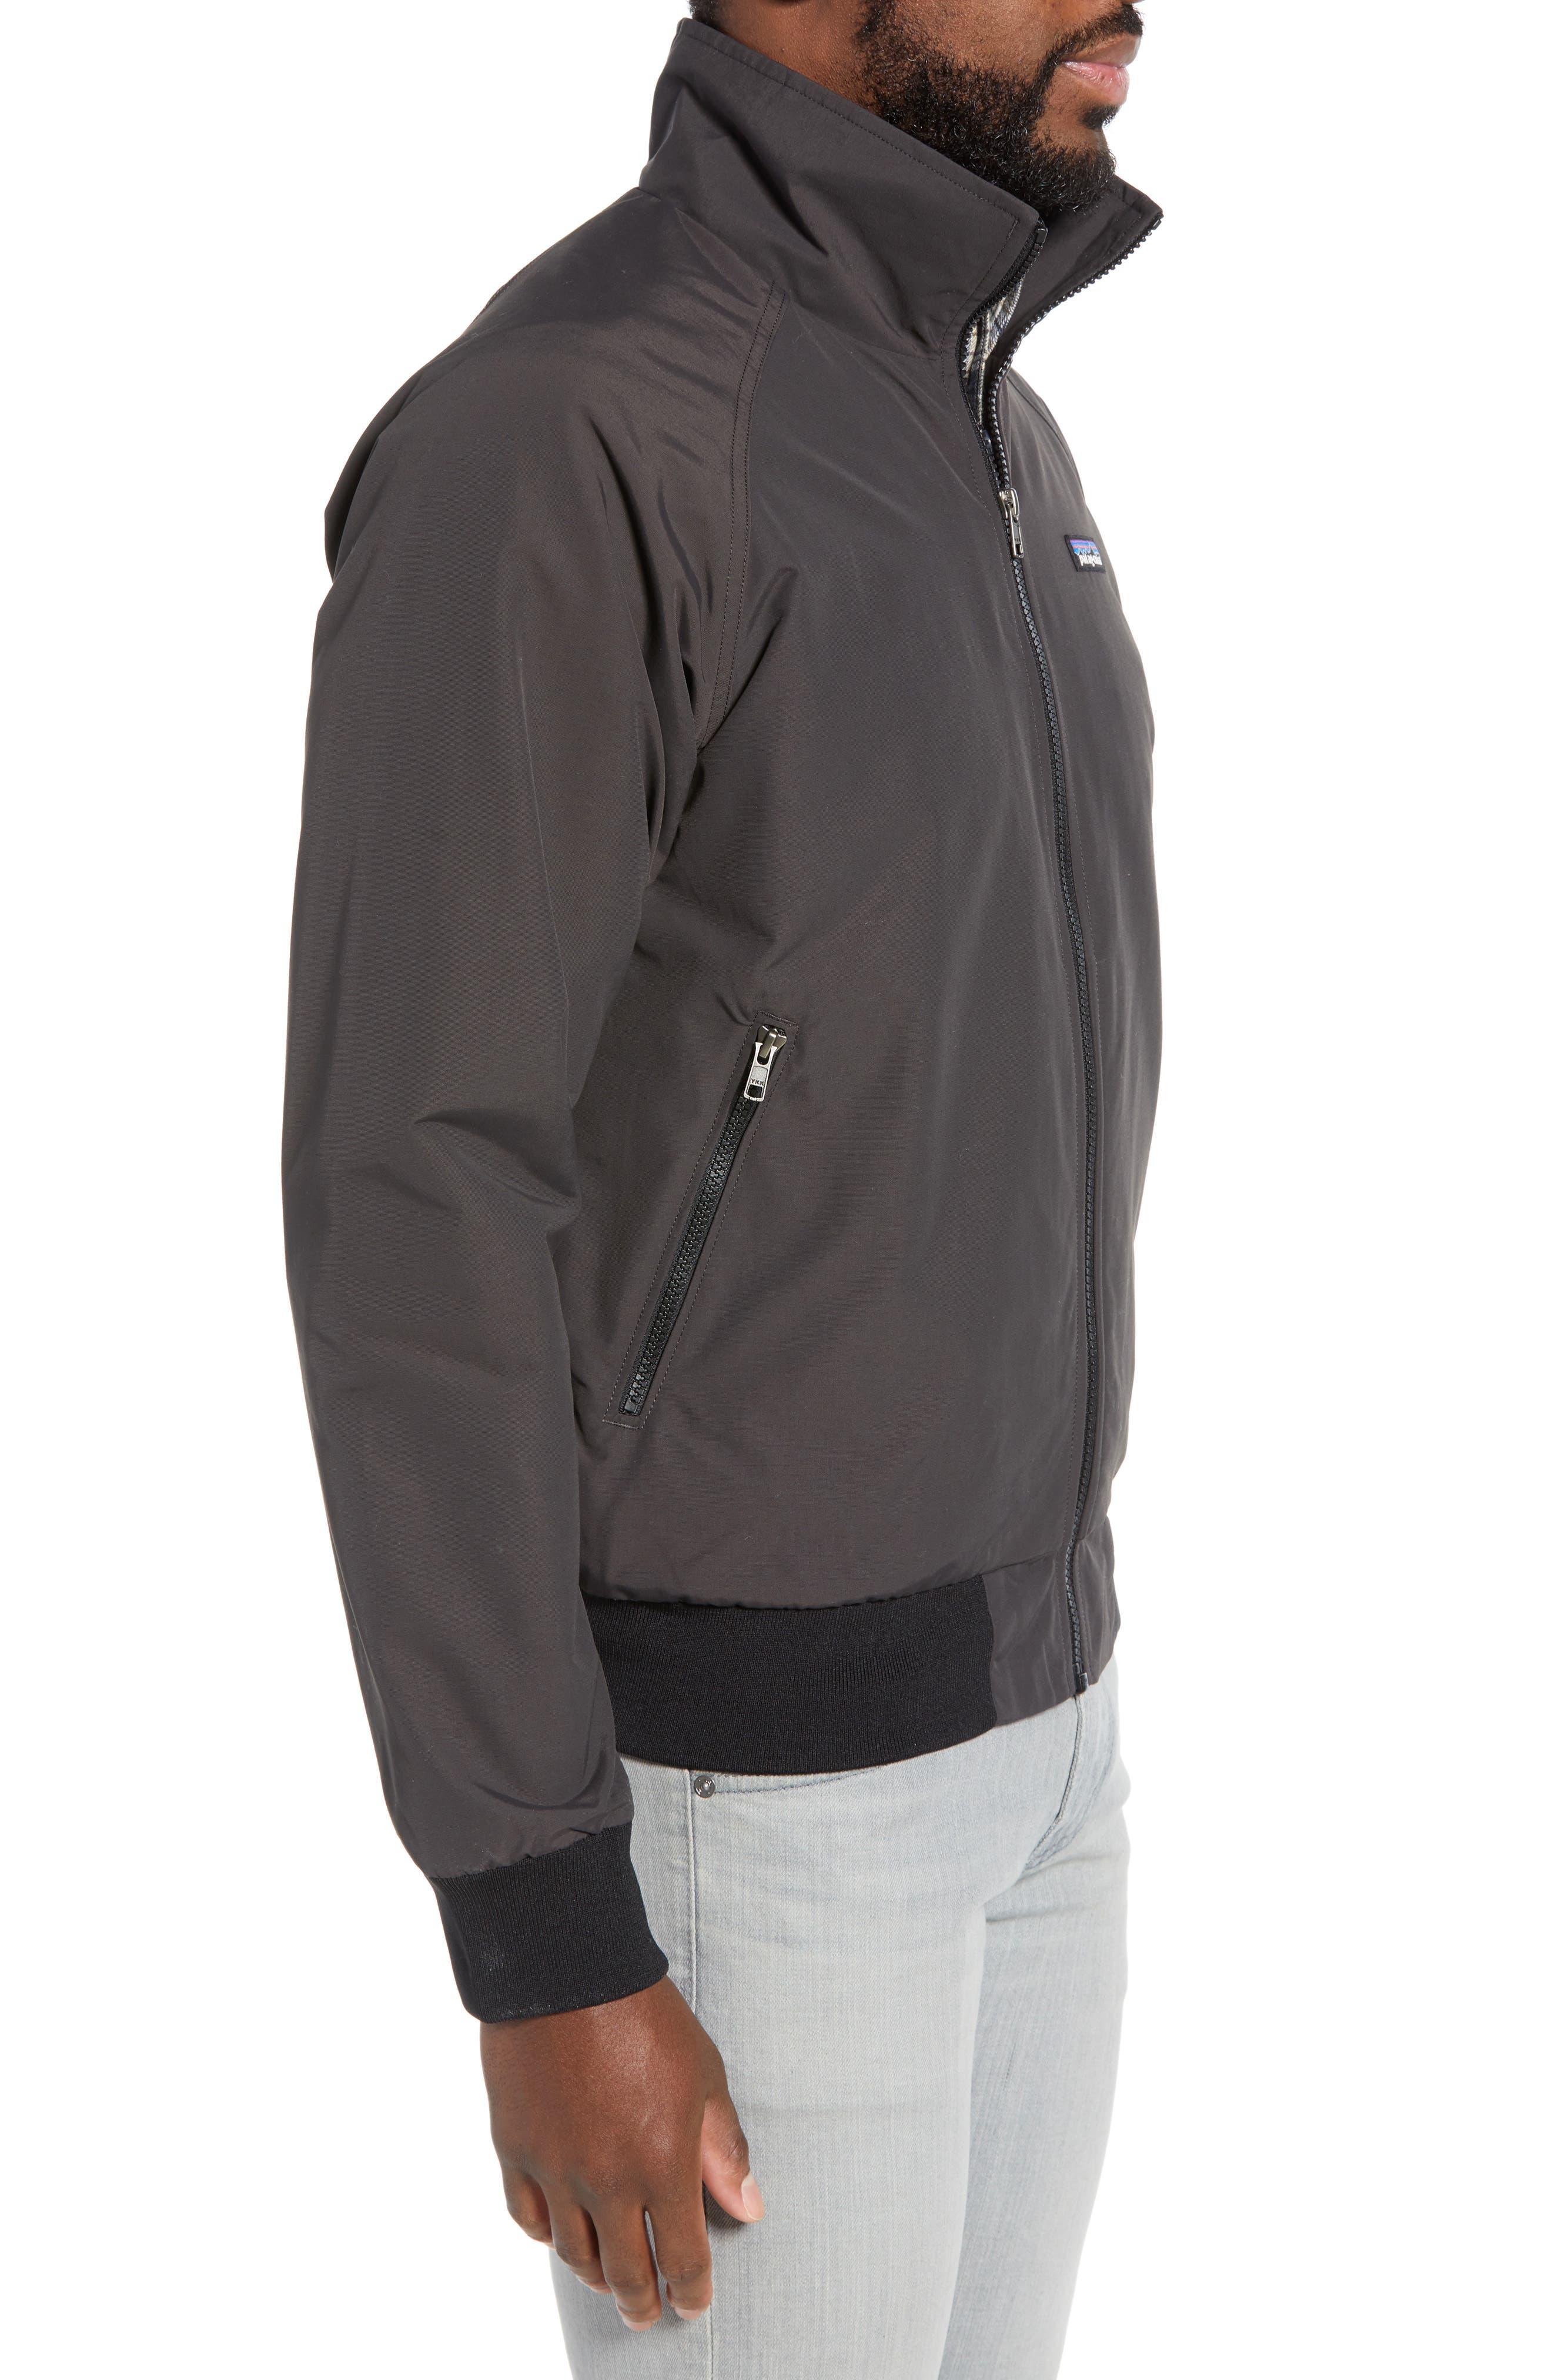 PATAGONIA, Baggies Wind & Water Resistant Jacket, Alternate thumbnail 4, color, INK BLACK